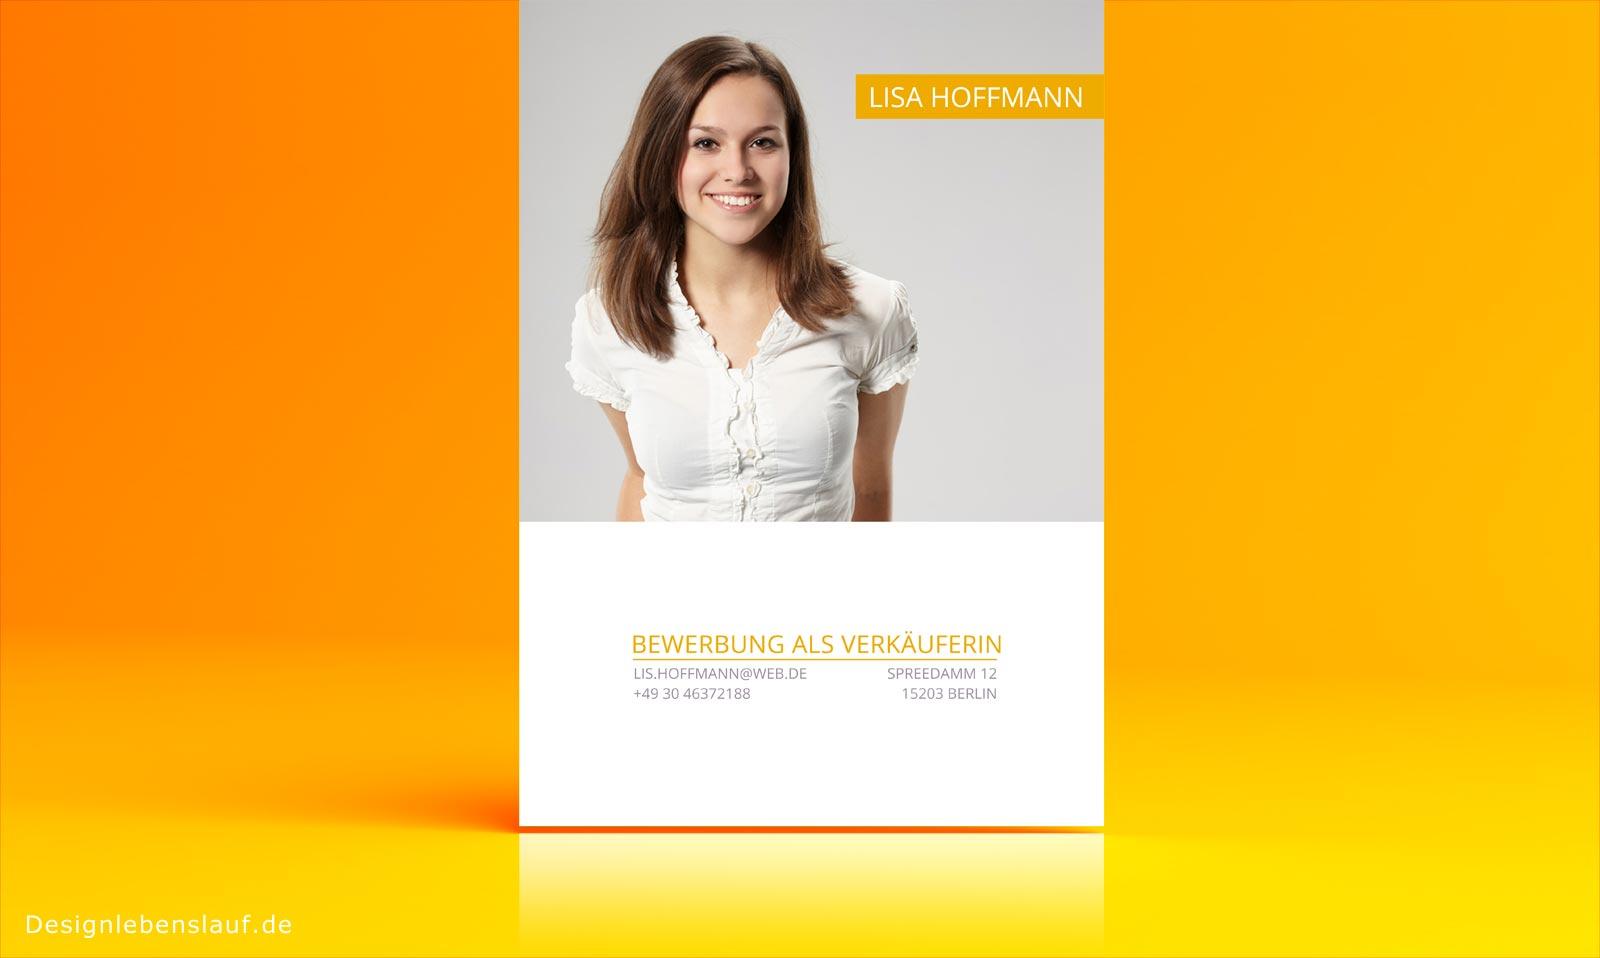 tipps bewerbungsfoto tipps bewerbungsschreiben tabellarischer lebenslauf  vorlage pdf musterbewerbung gratis vorlage bewerbung deckblatt ...